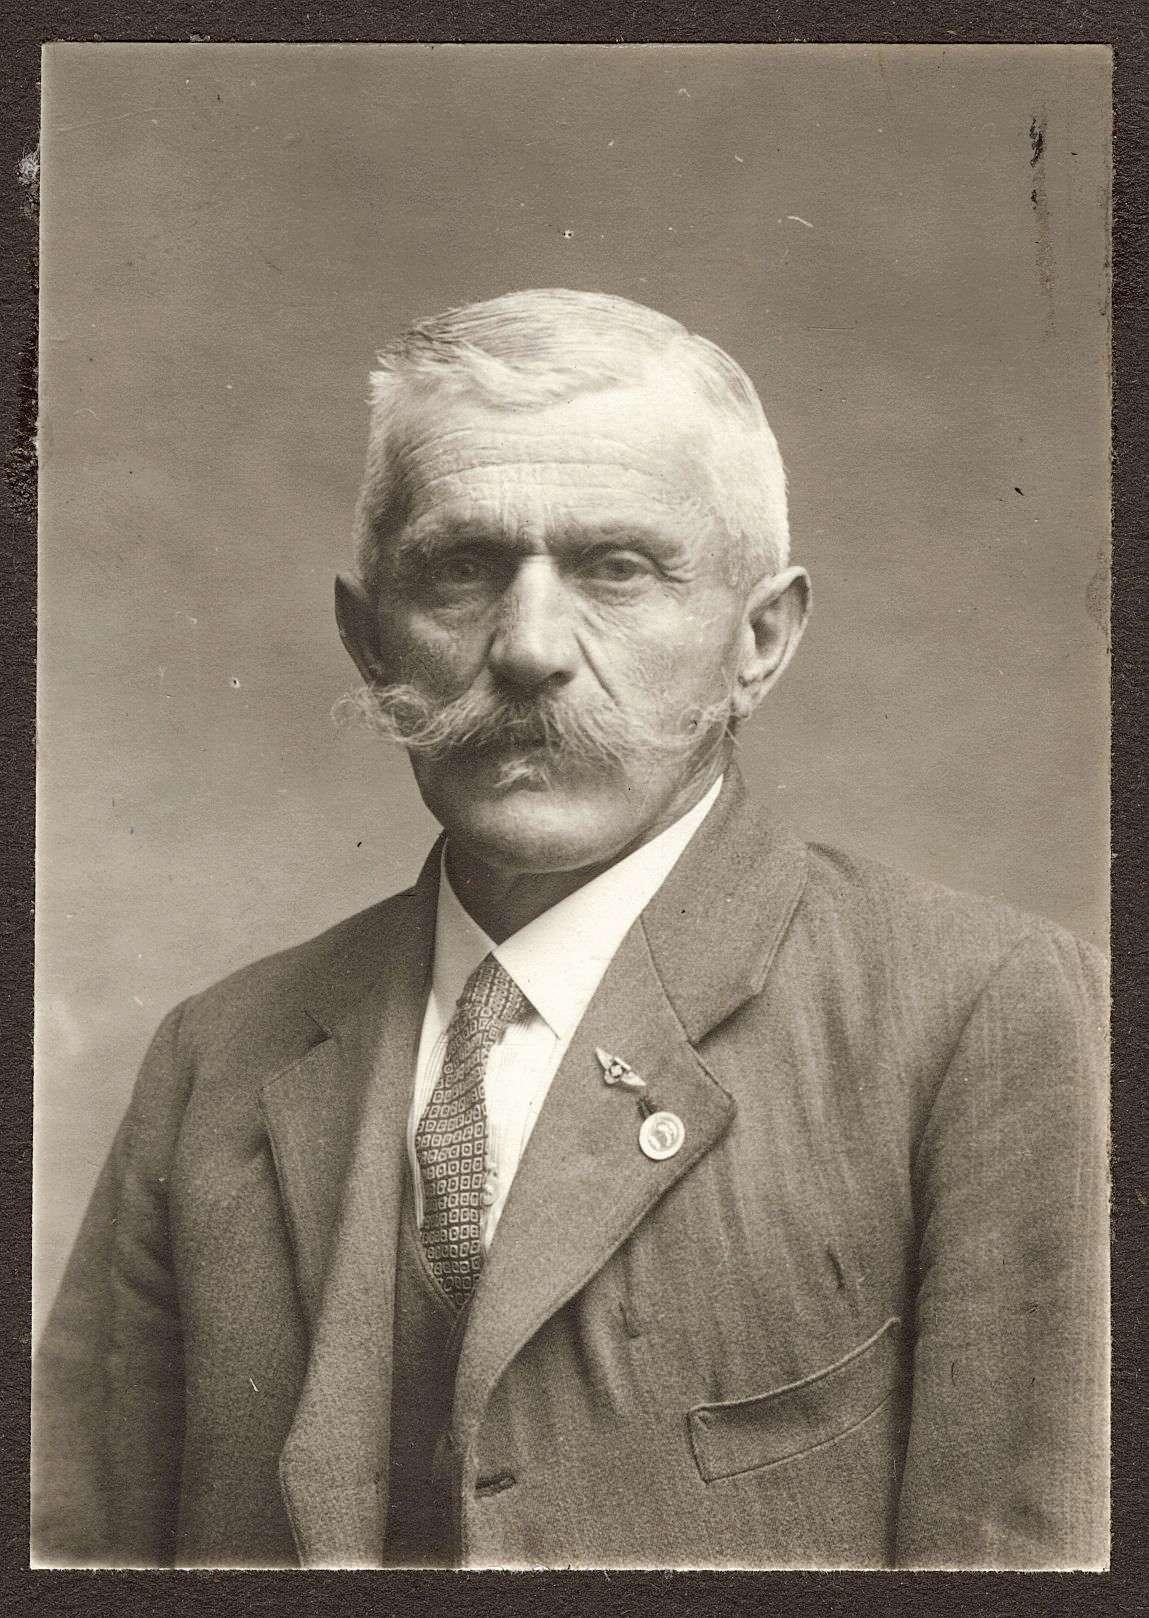 Dommer, Friedrich, Bild 1